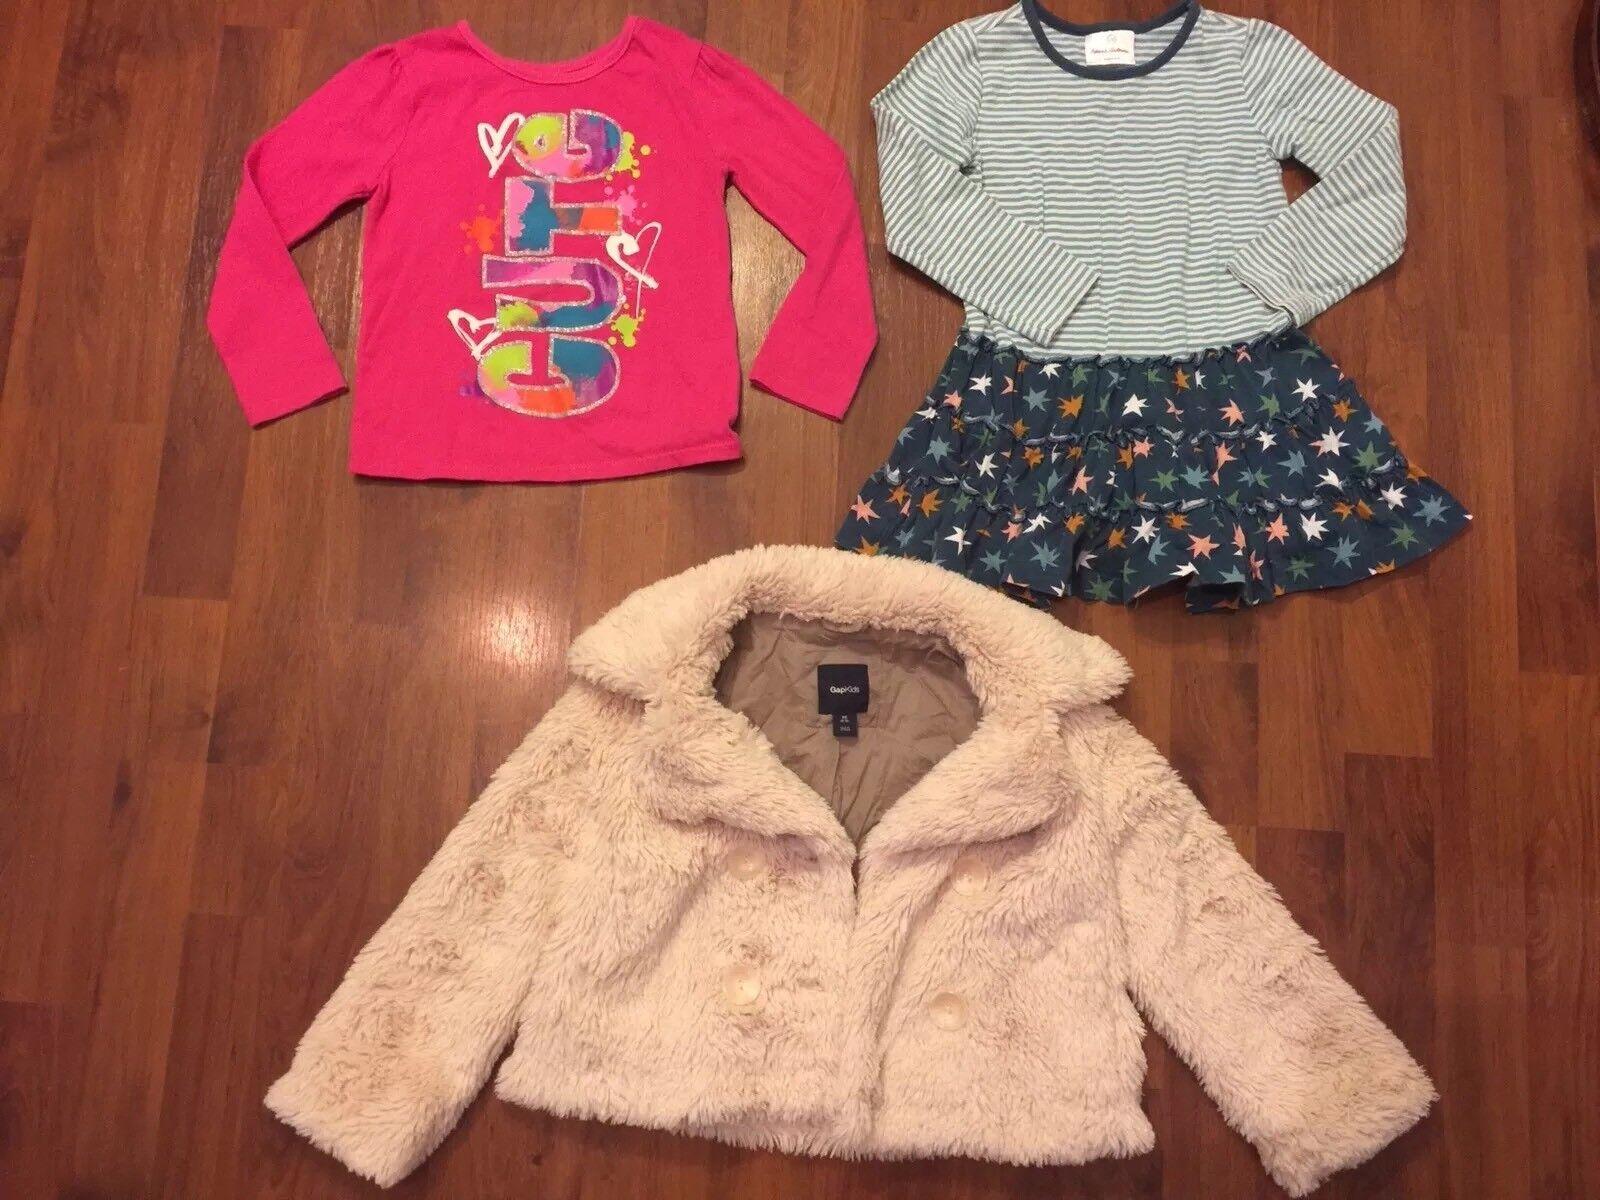 Lányok Méret 4 5 Lot Gap Hanna Andersson póló ruha tunika kabát Faux Fur